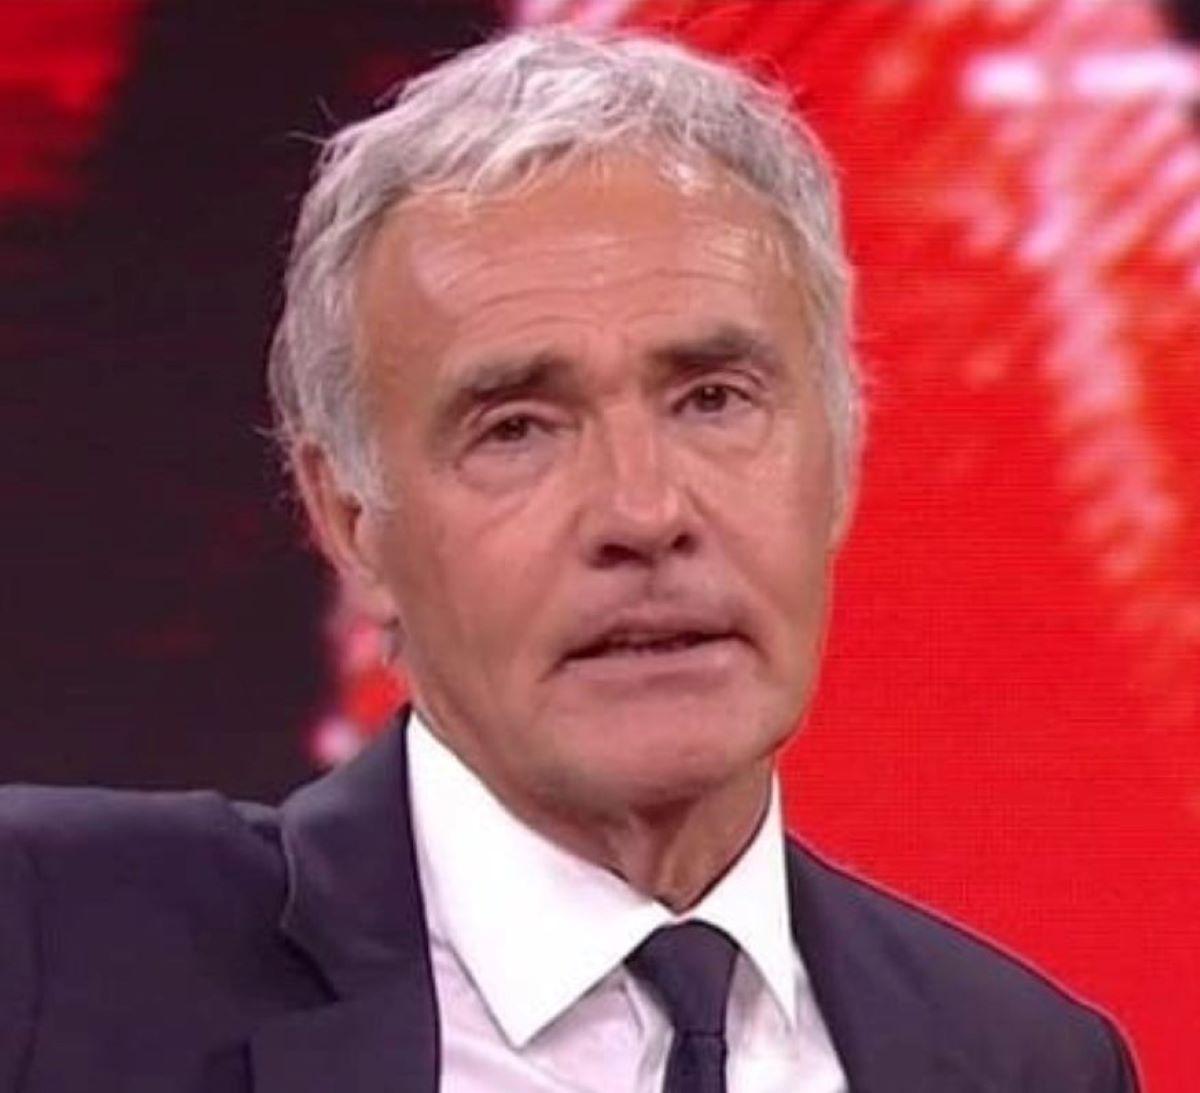 Massimo Giletti Non è l'Arena Assente Palinsesti La7